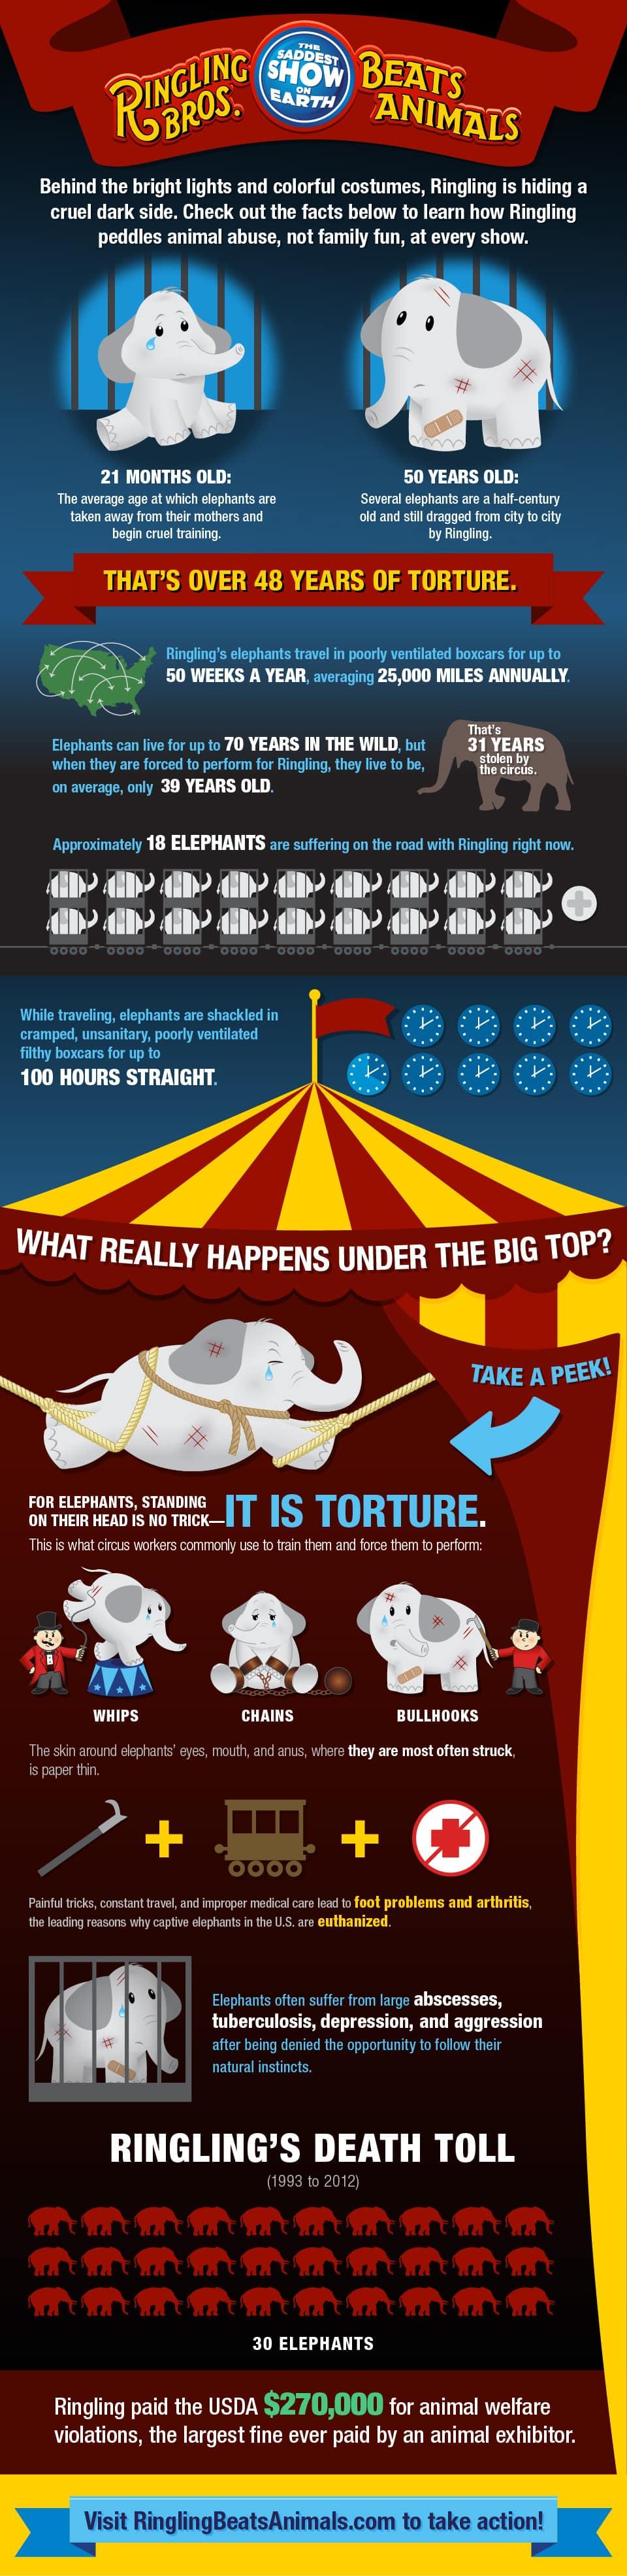 infografía abuso a elefantes en el circo